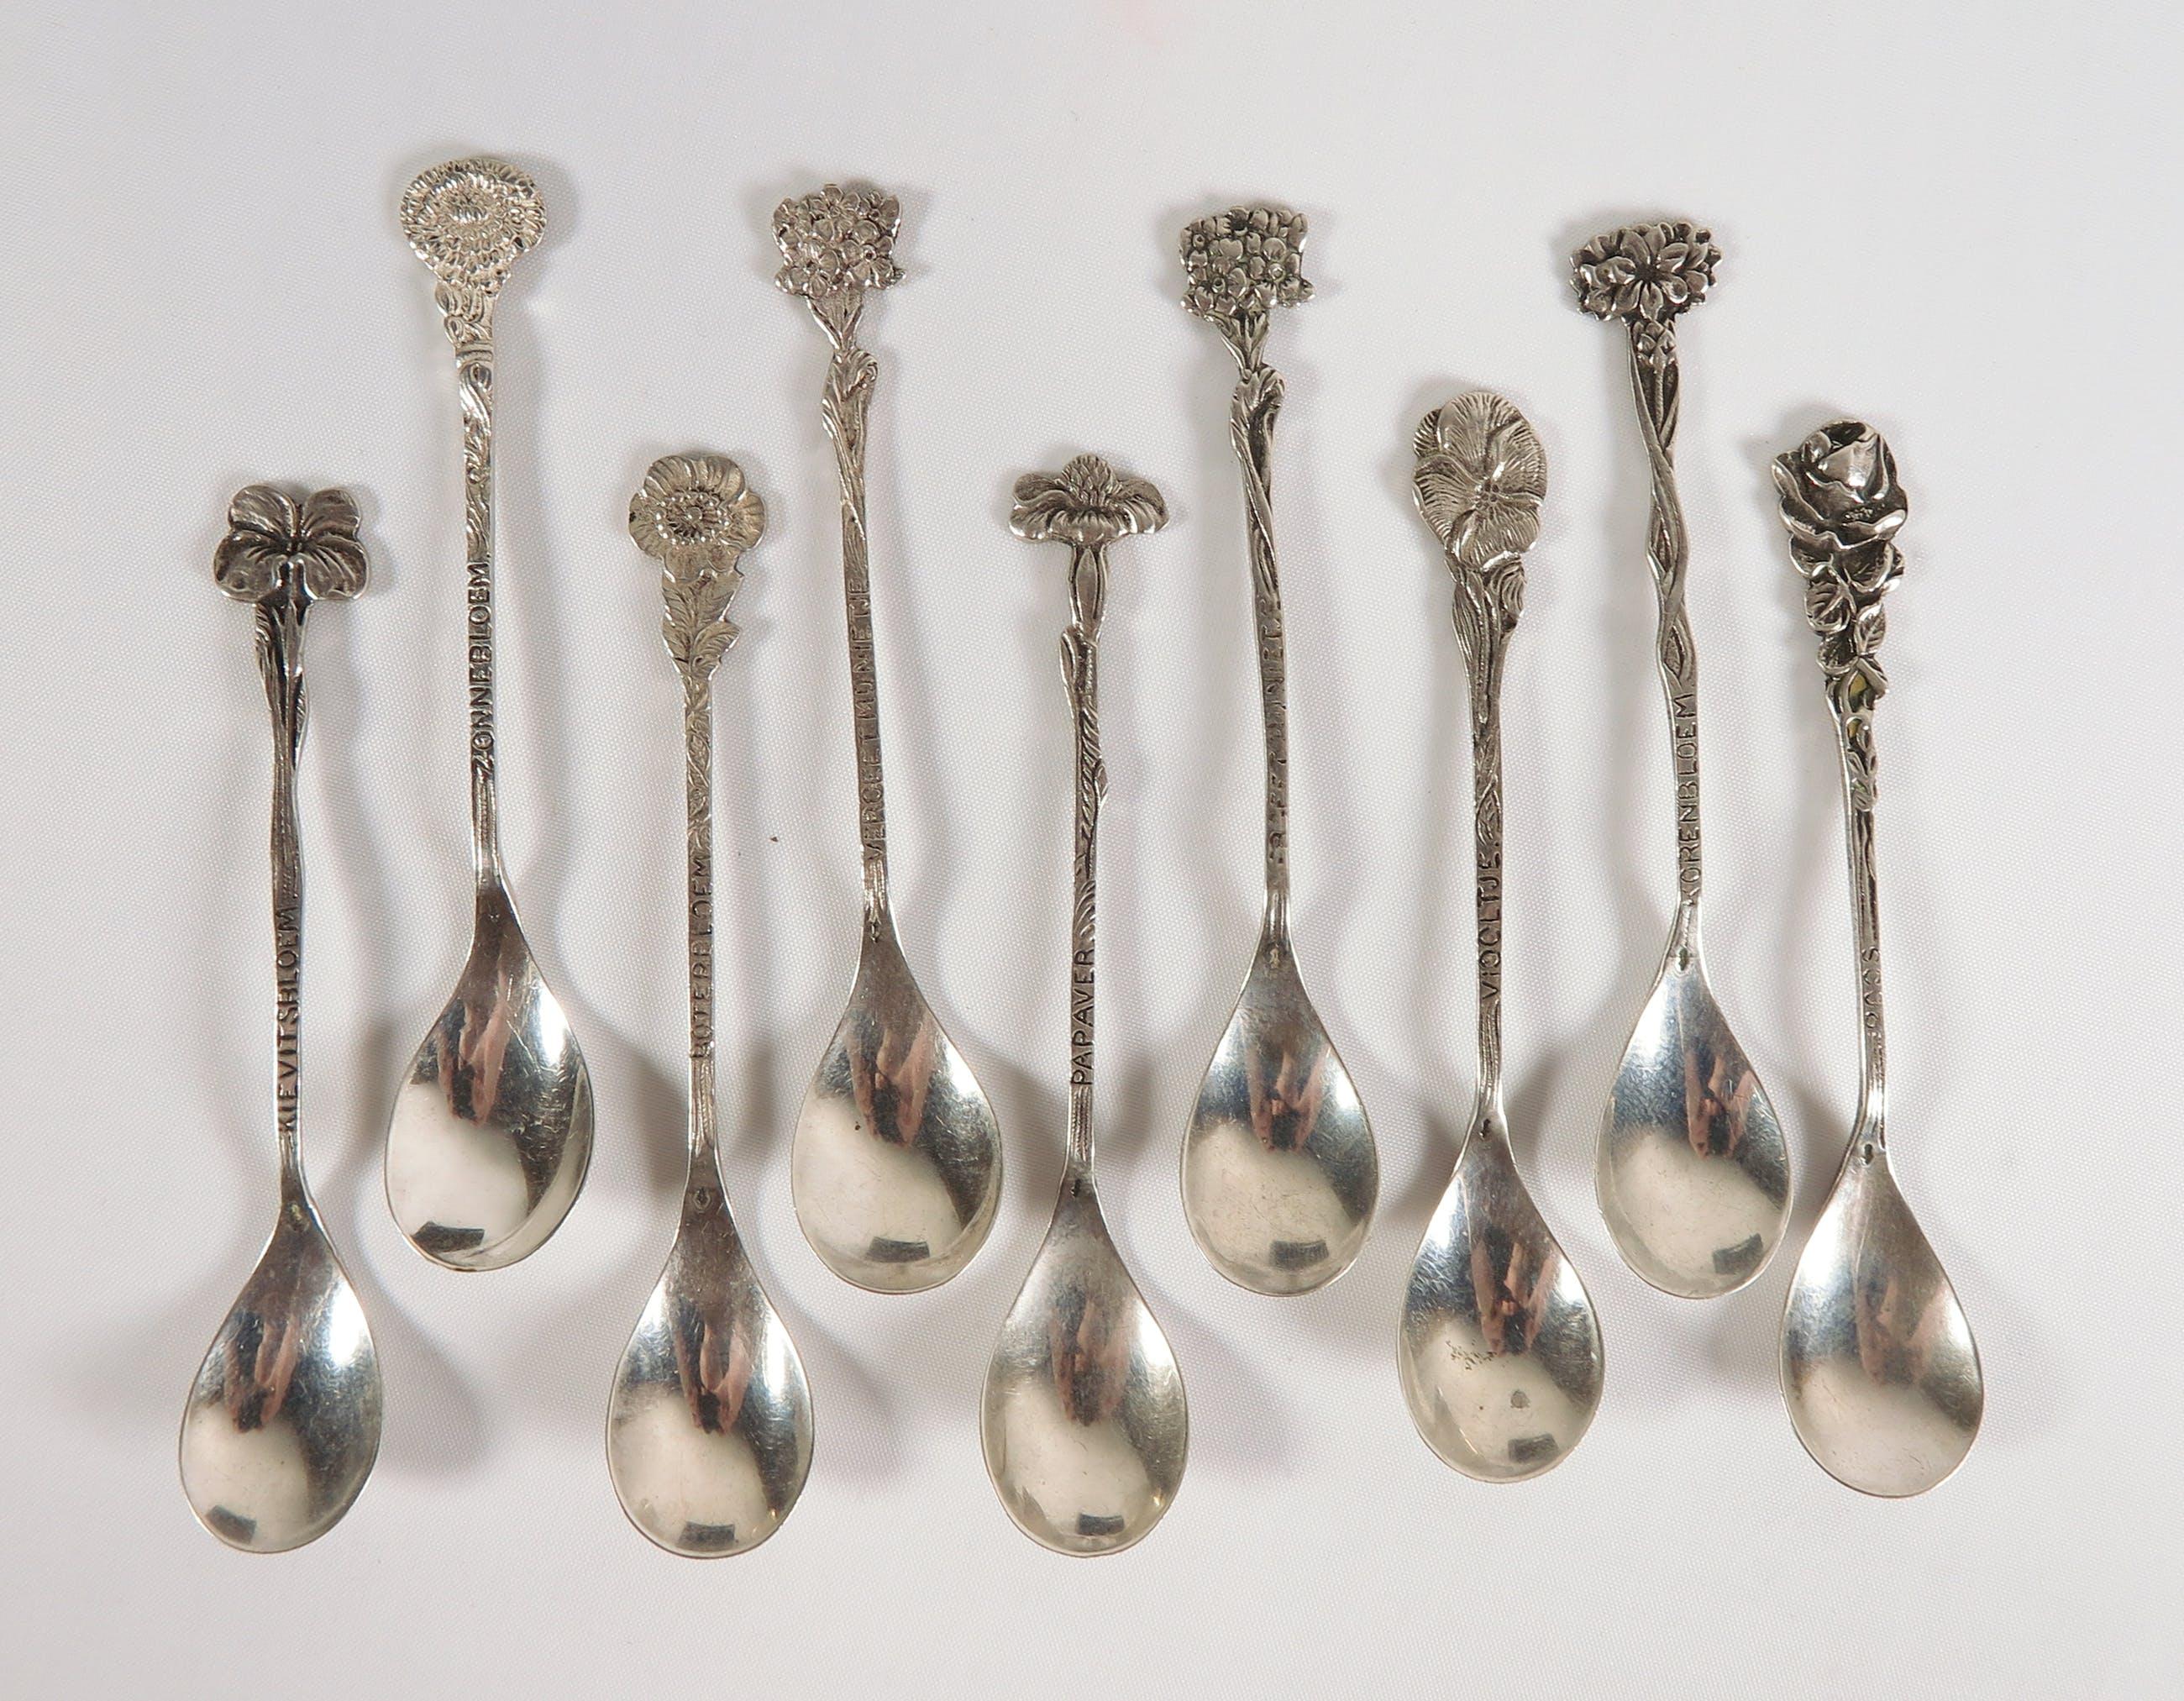 Lot van 9 zilveren theelepels met bloemen kopen? Bied vanaf 70!